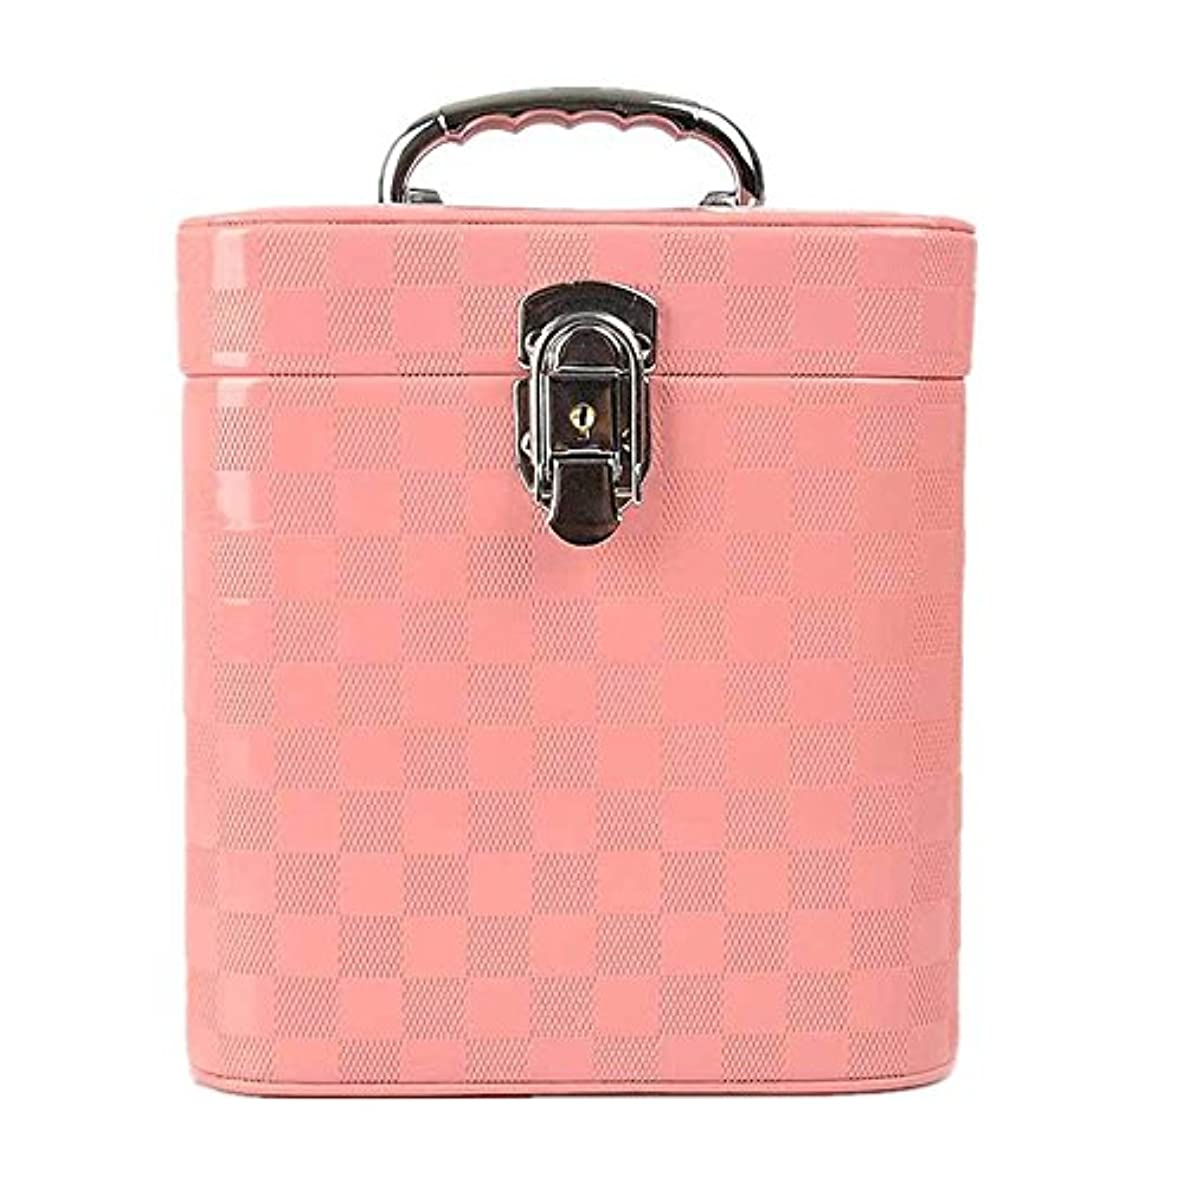 低い削減付与特大スペース収納ビューティーボックス 女の子の女性旅行のための新しく、実用的な携帯用化粧箱およびロックおよび皿が付いている毎日の貯蔵 化粧品化粧台